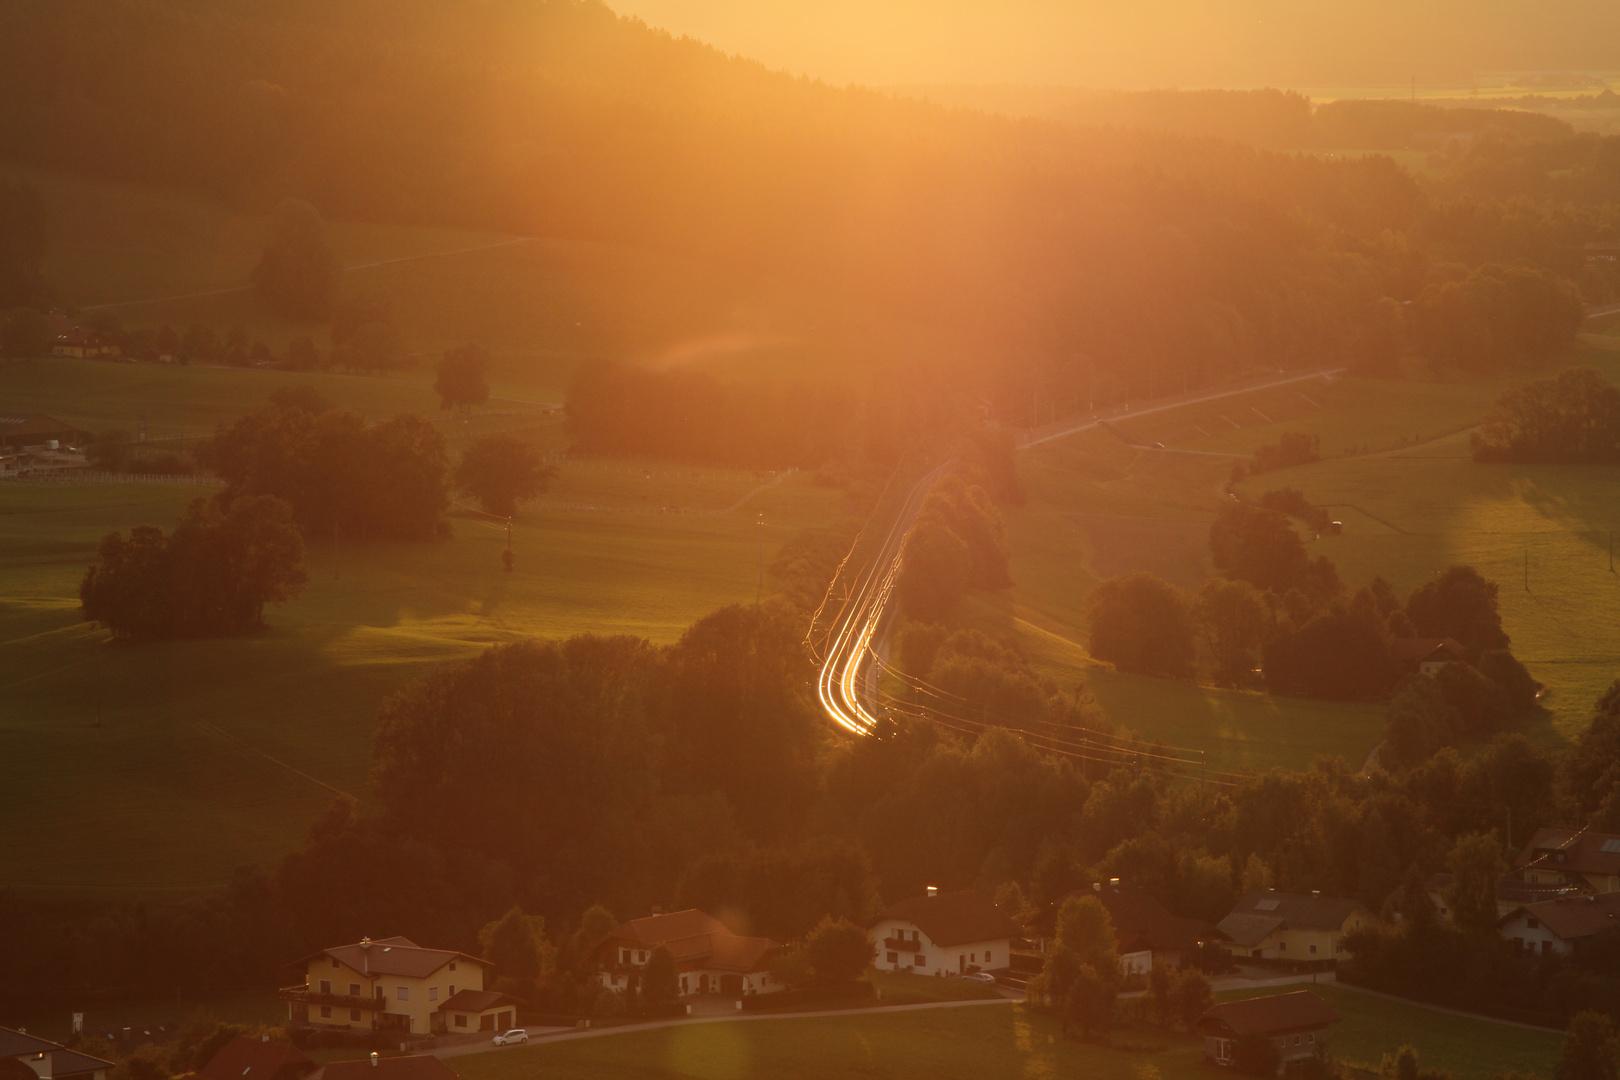 Sonnengeglühte Schienen plus Fahrleitung